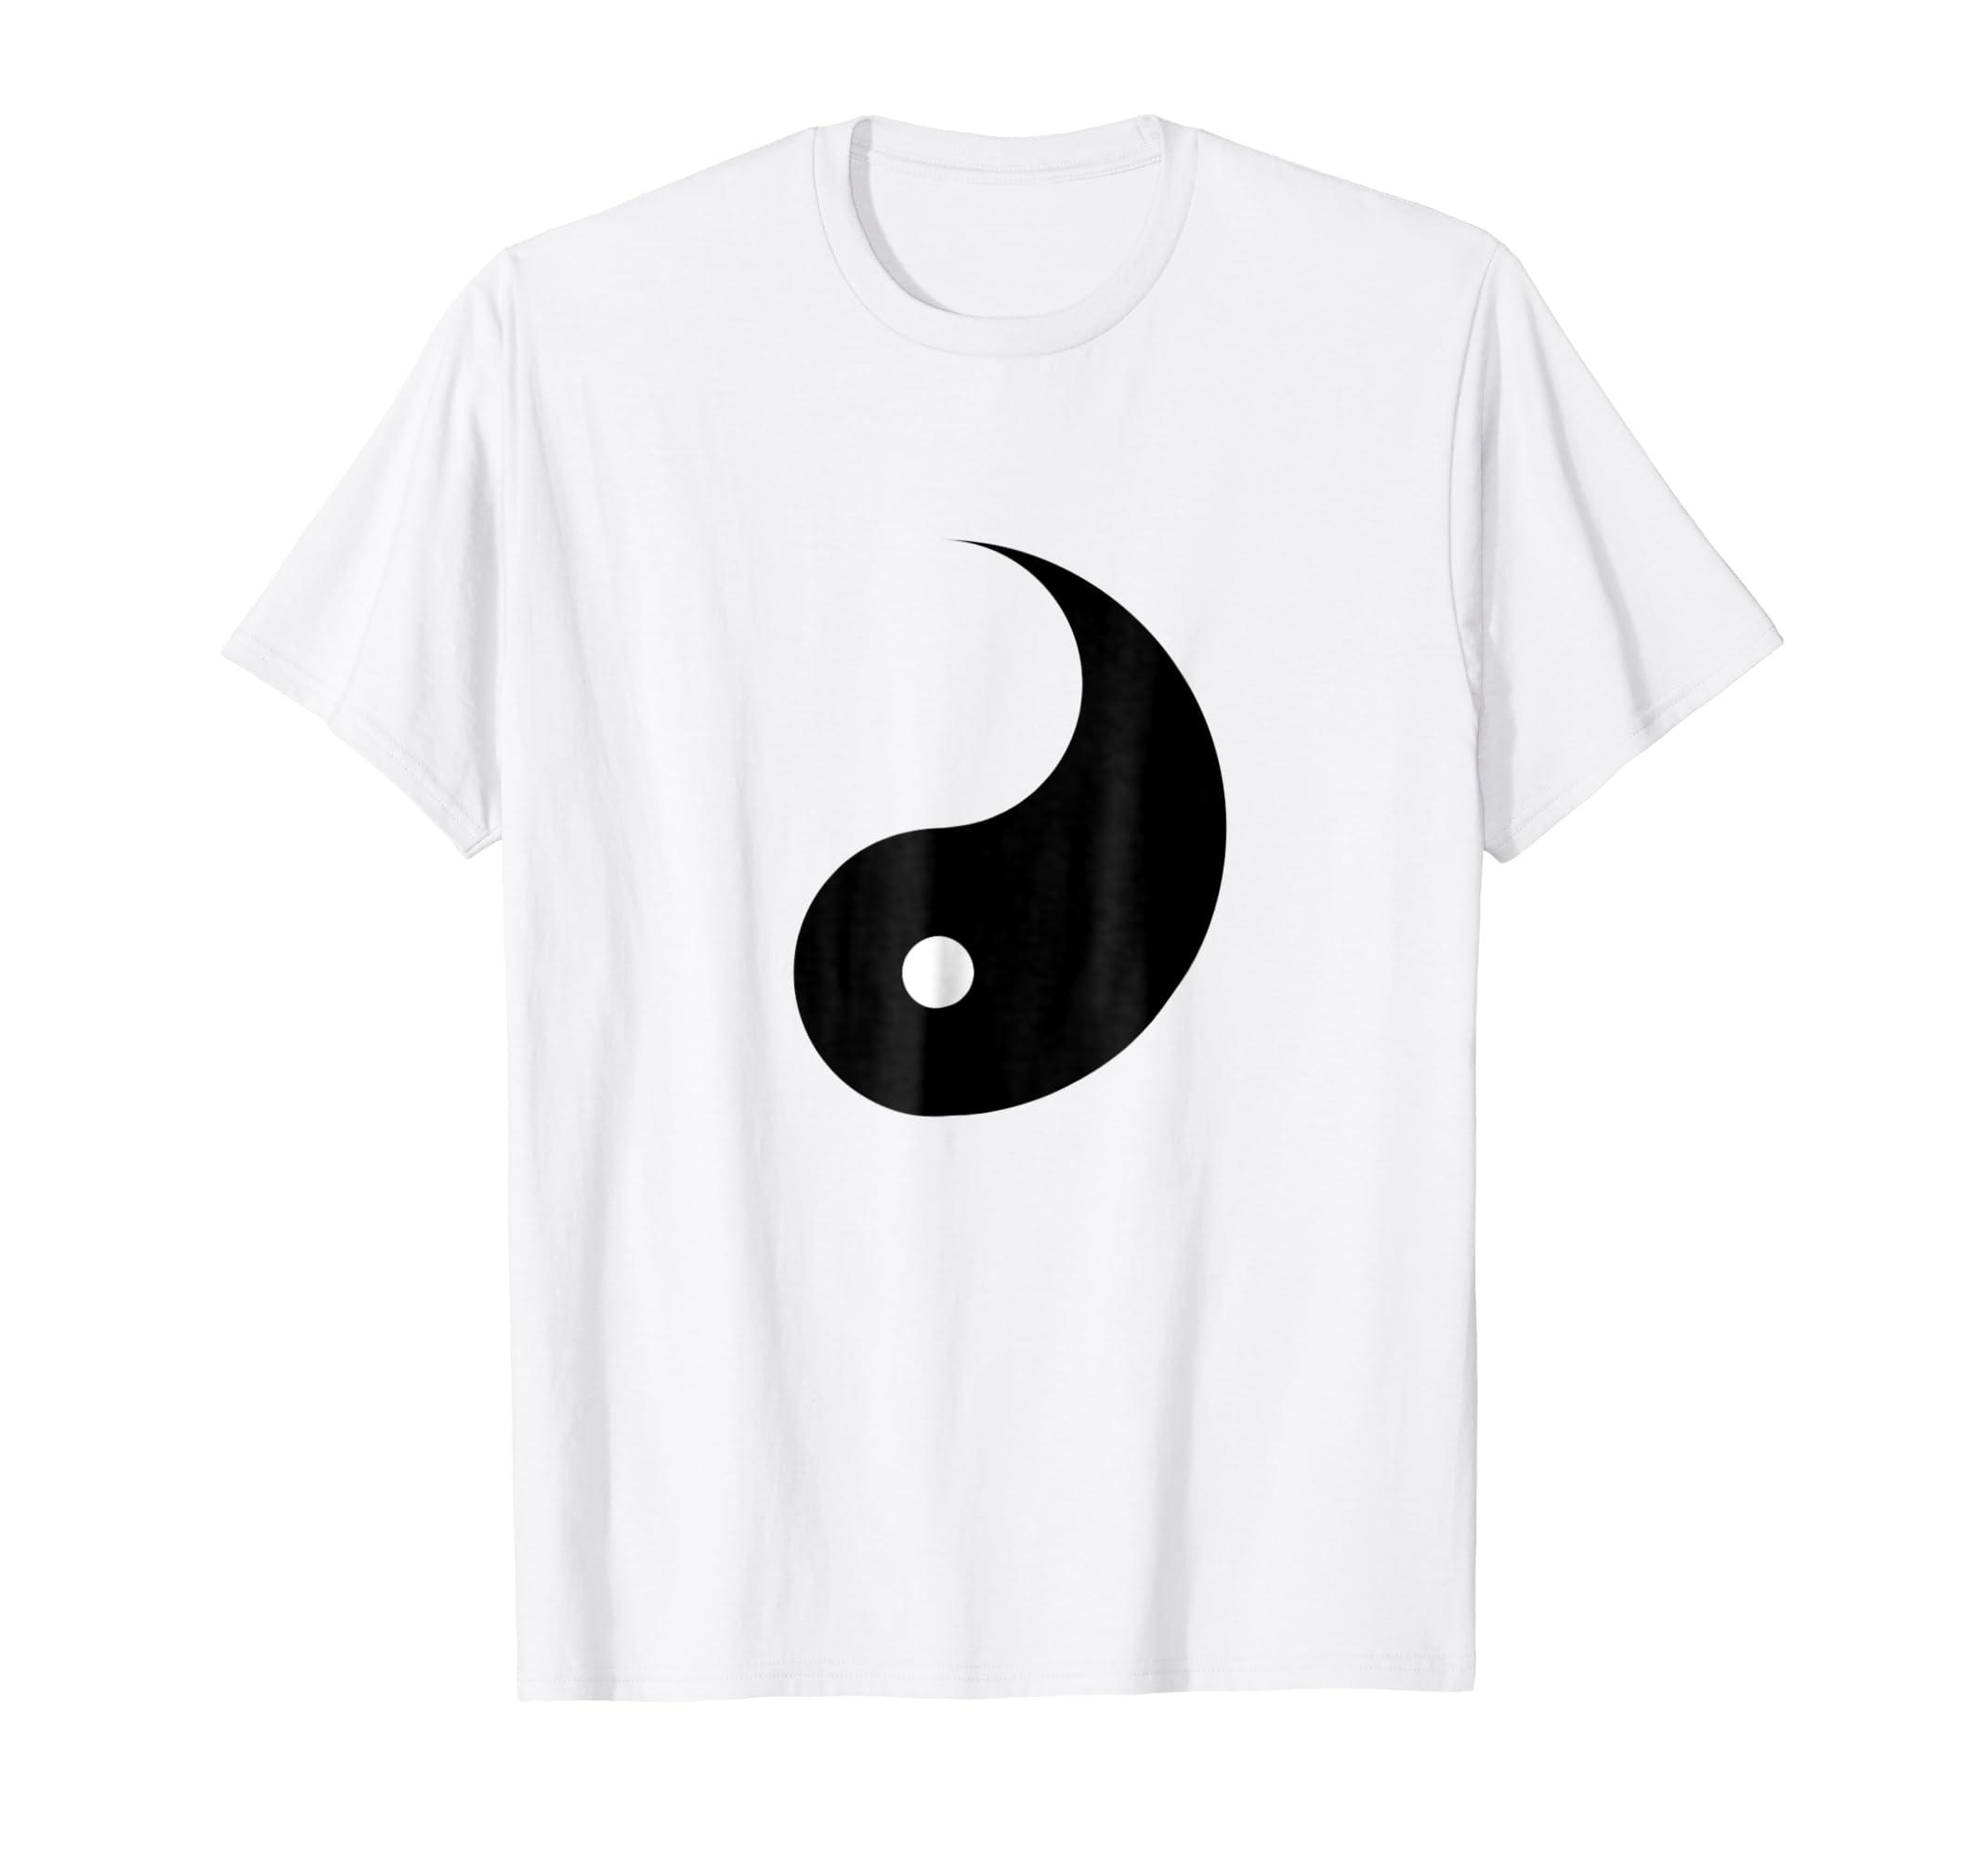 Yin shirt - Matching Yin Yang Costume Tshirt-mt